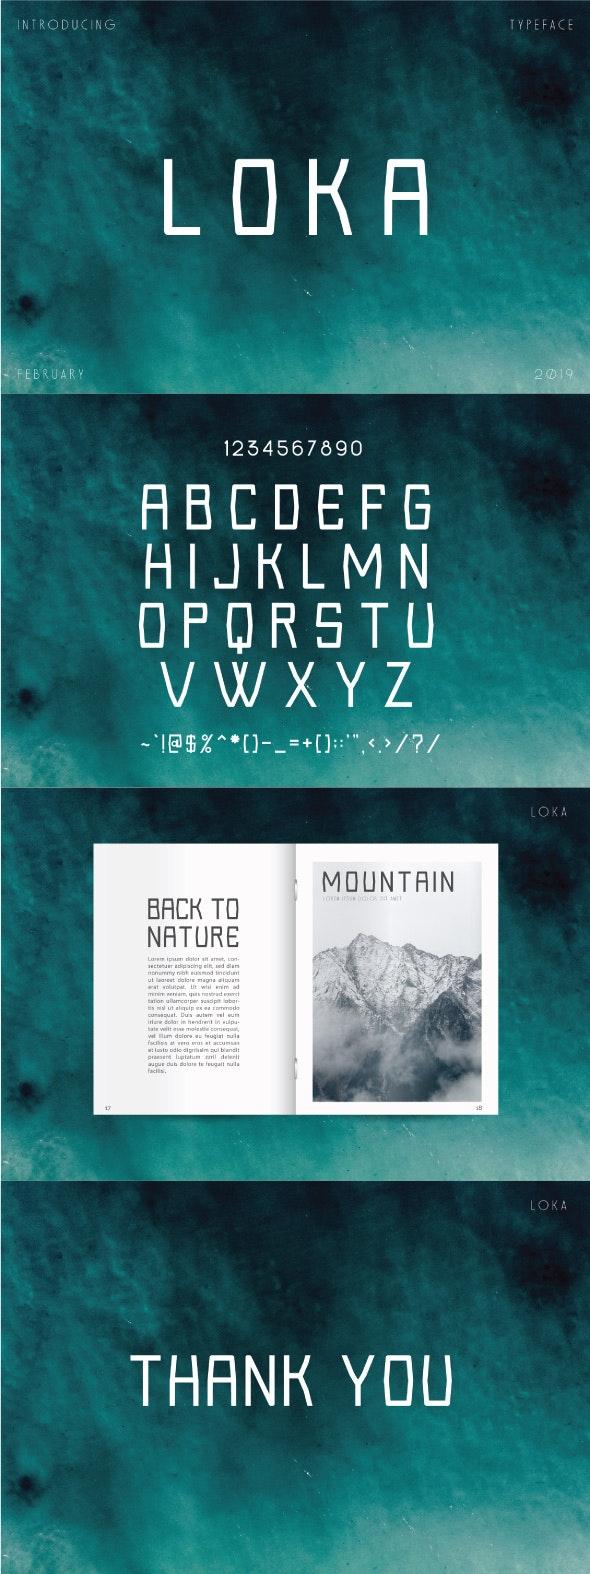 Loka Font San Serif - Fonts